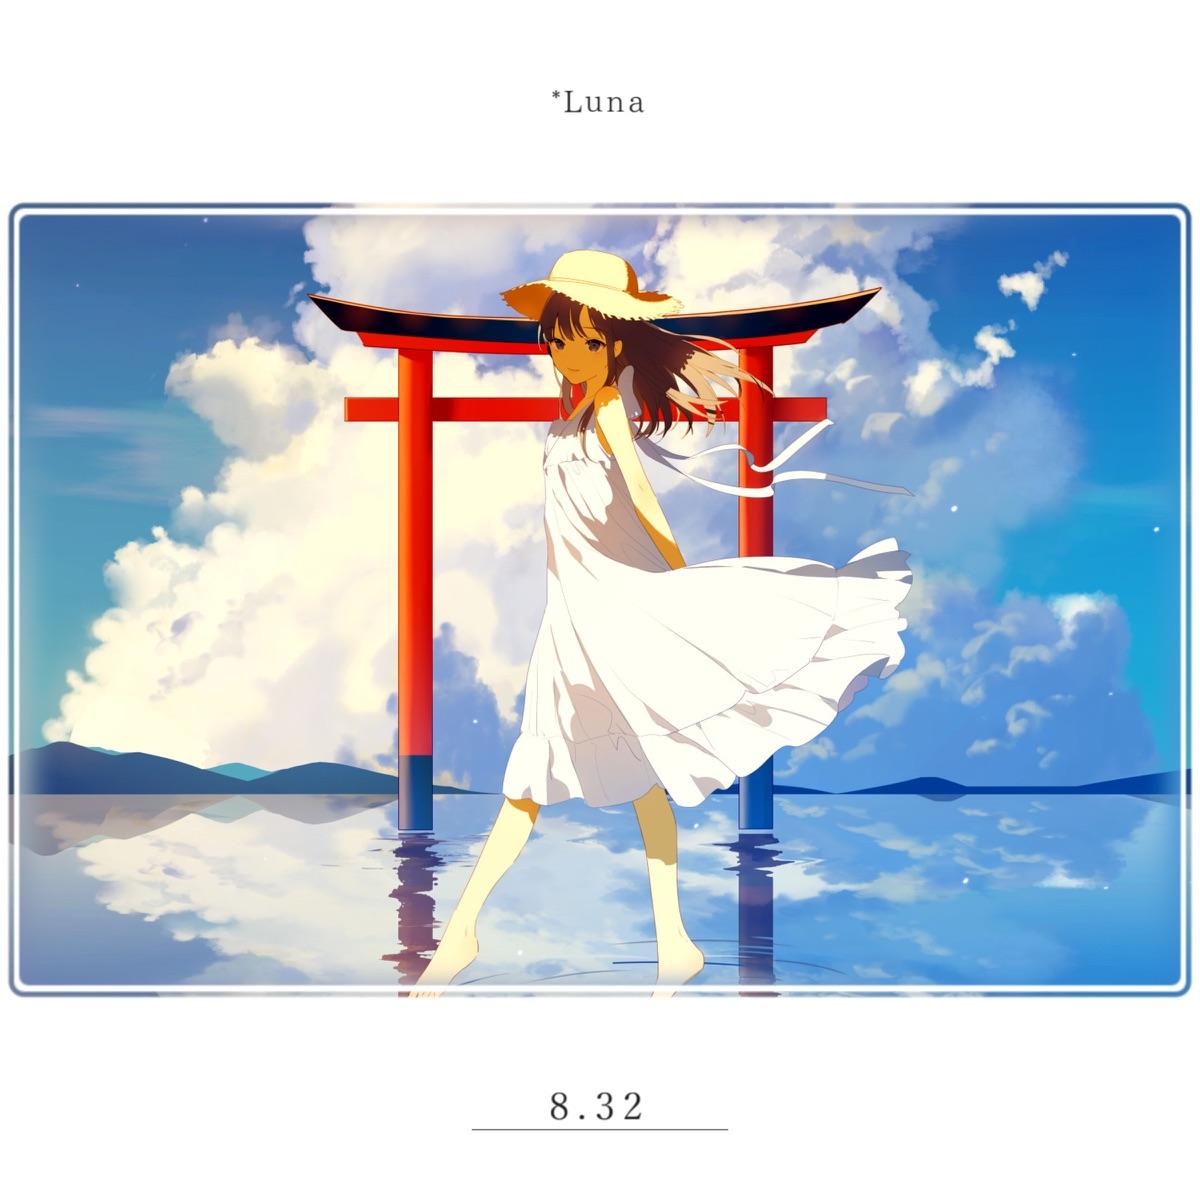 『*Luna - 8.32 歌詞』収録の『8.32』ジャケット